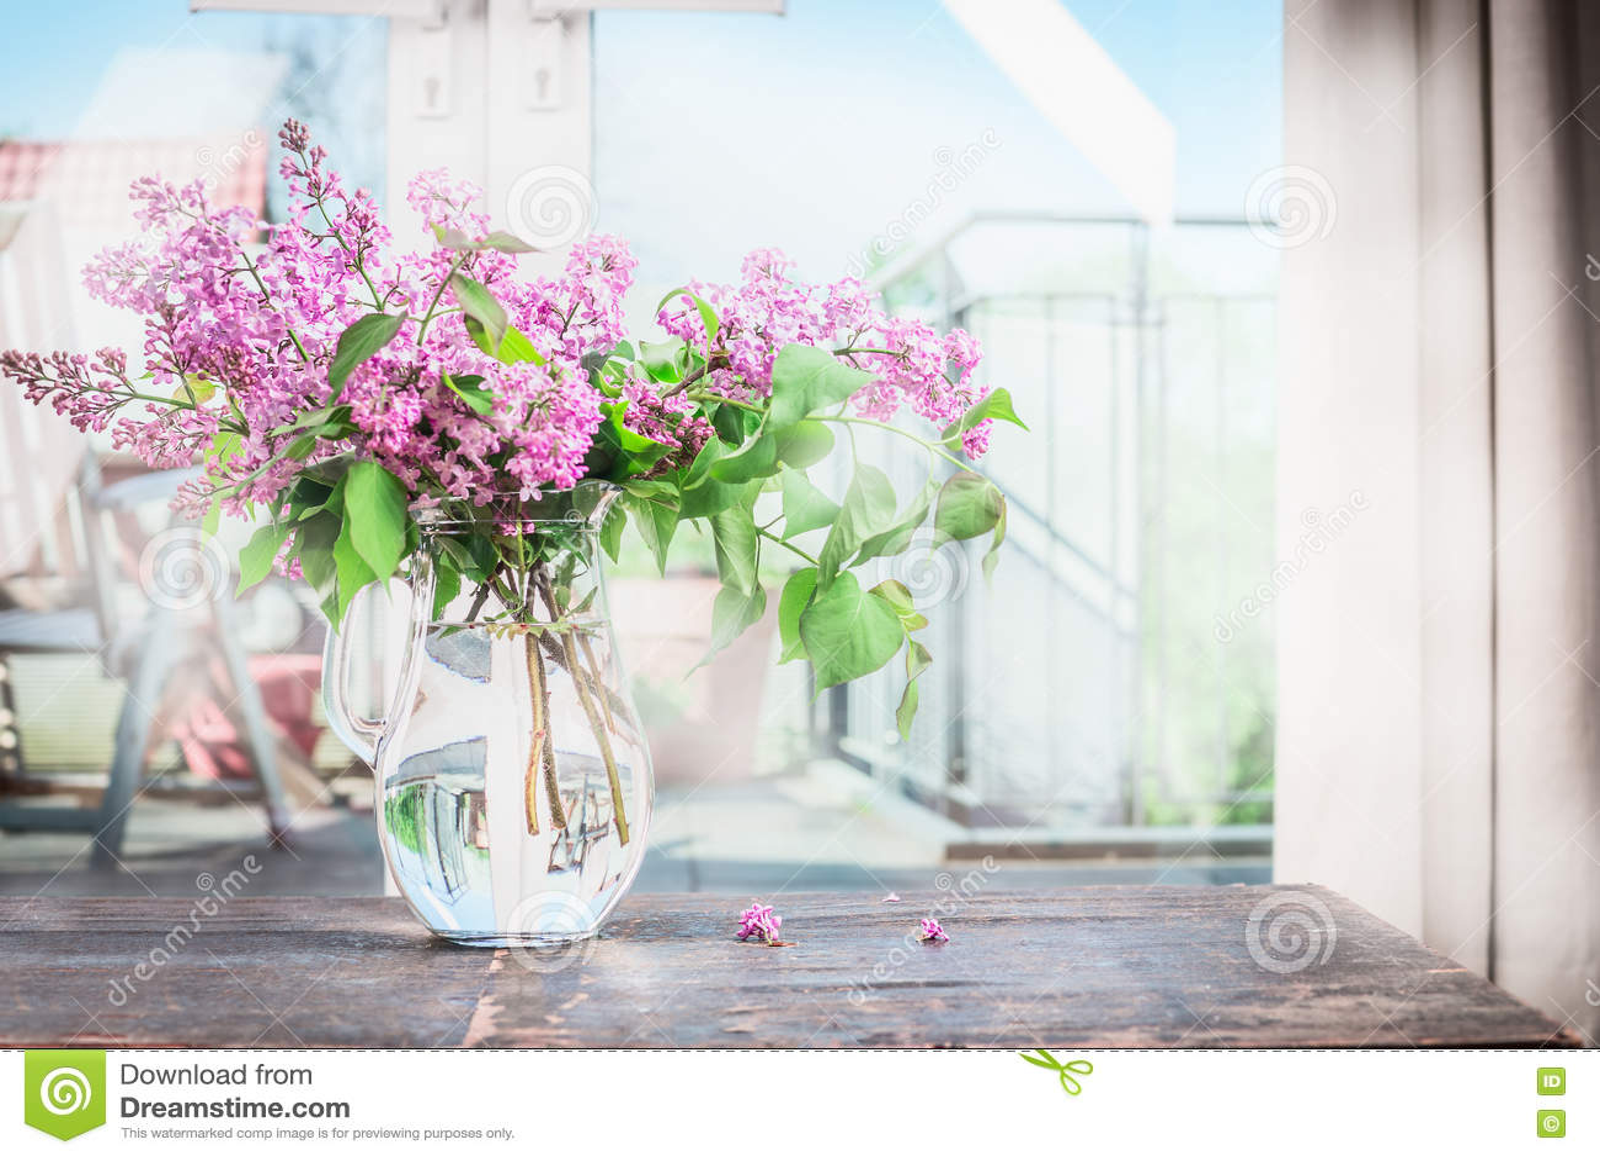 Intérieur de maison avec le bouquet des fleurs lilas de floraison sur la table photo stock